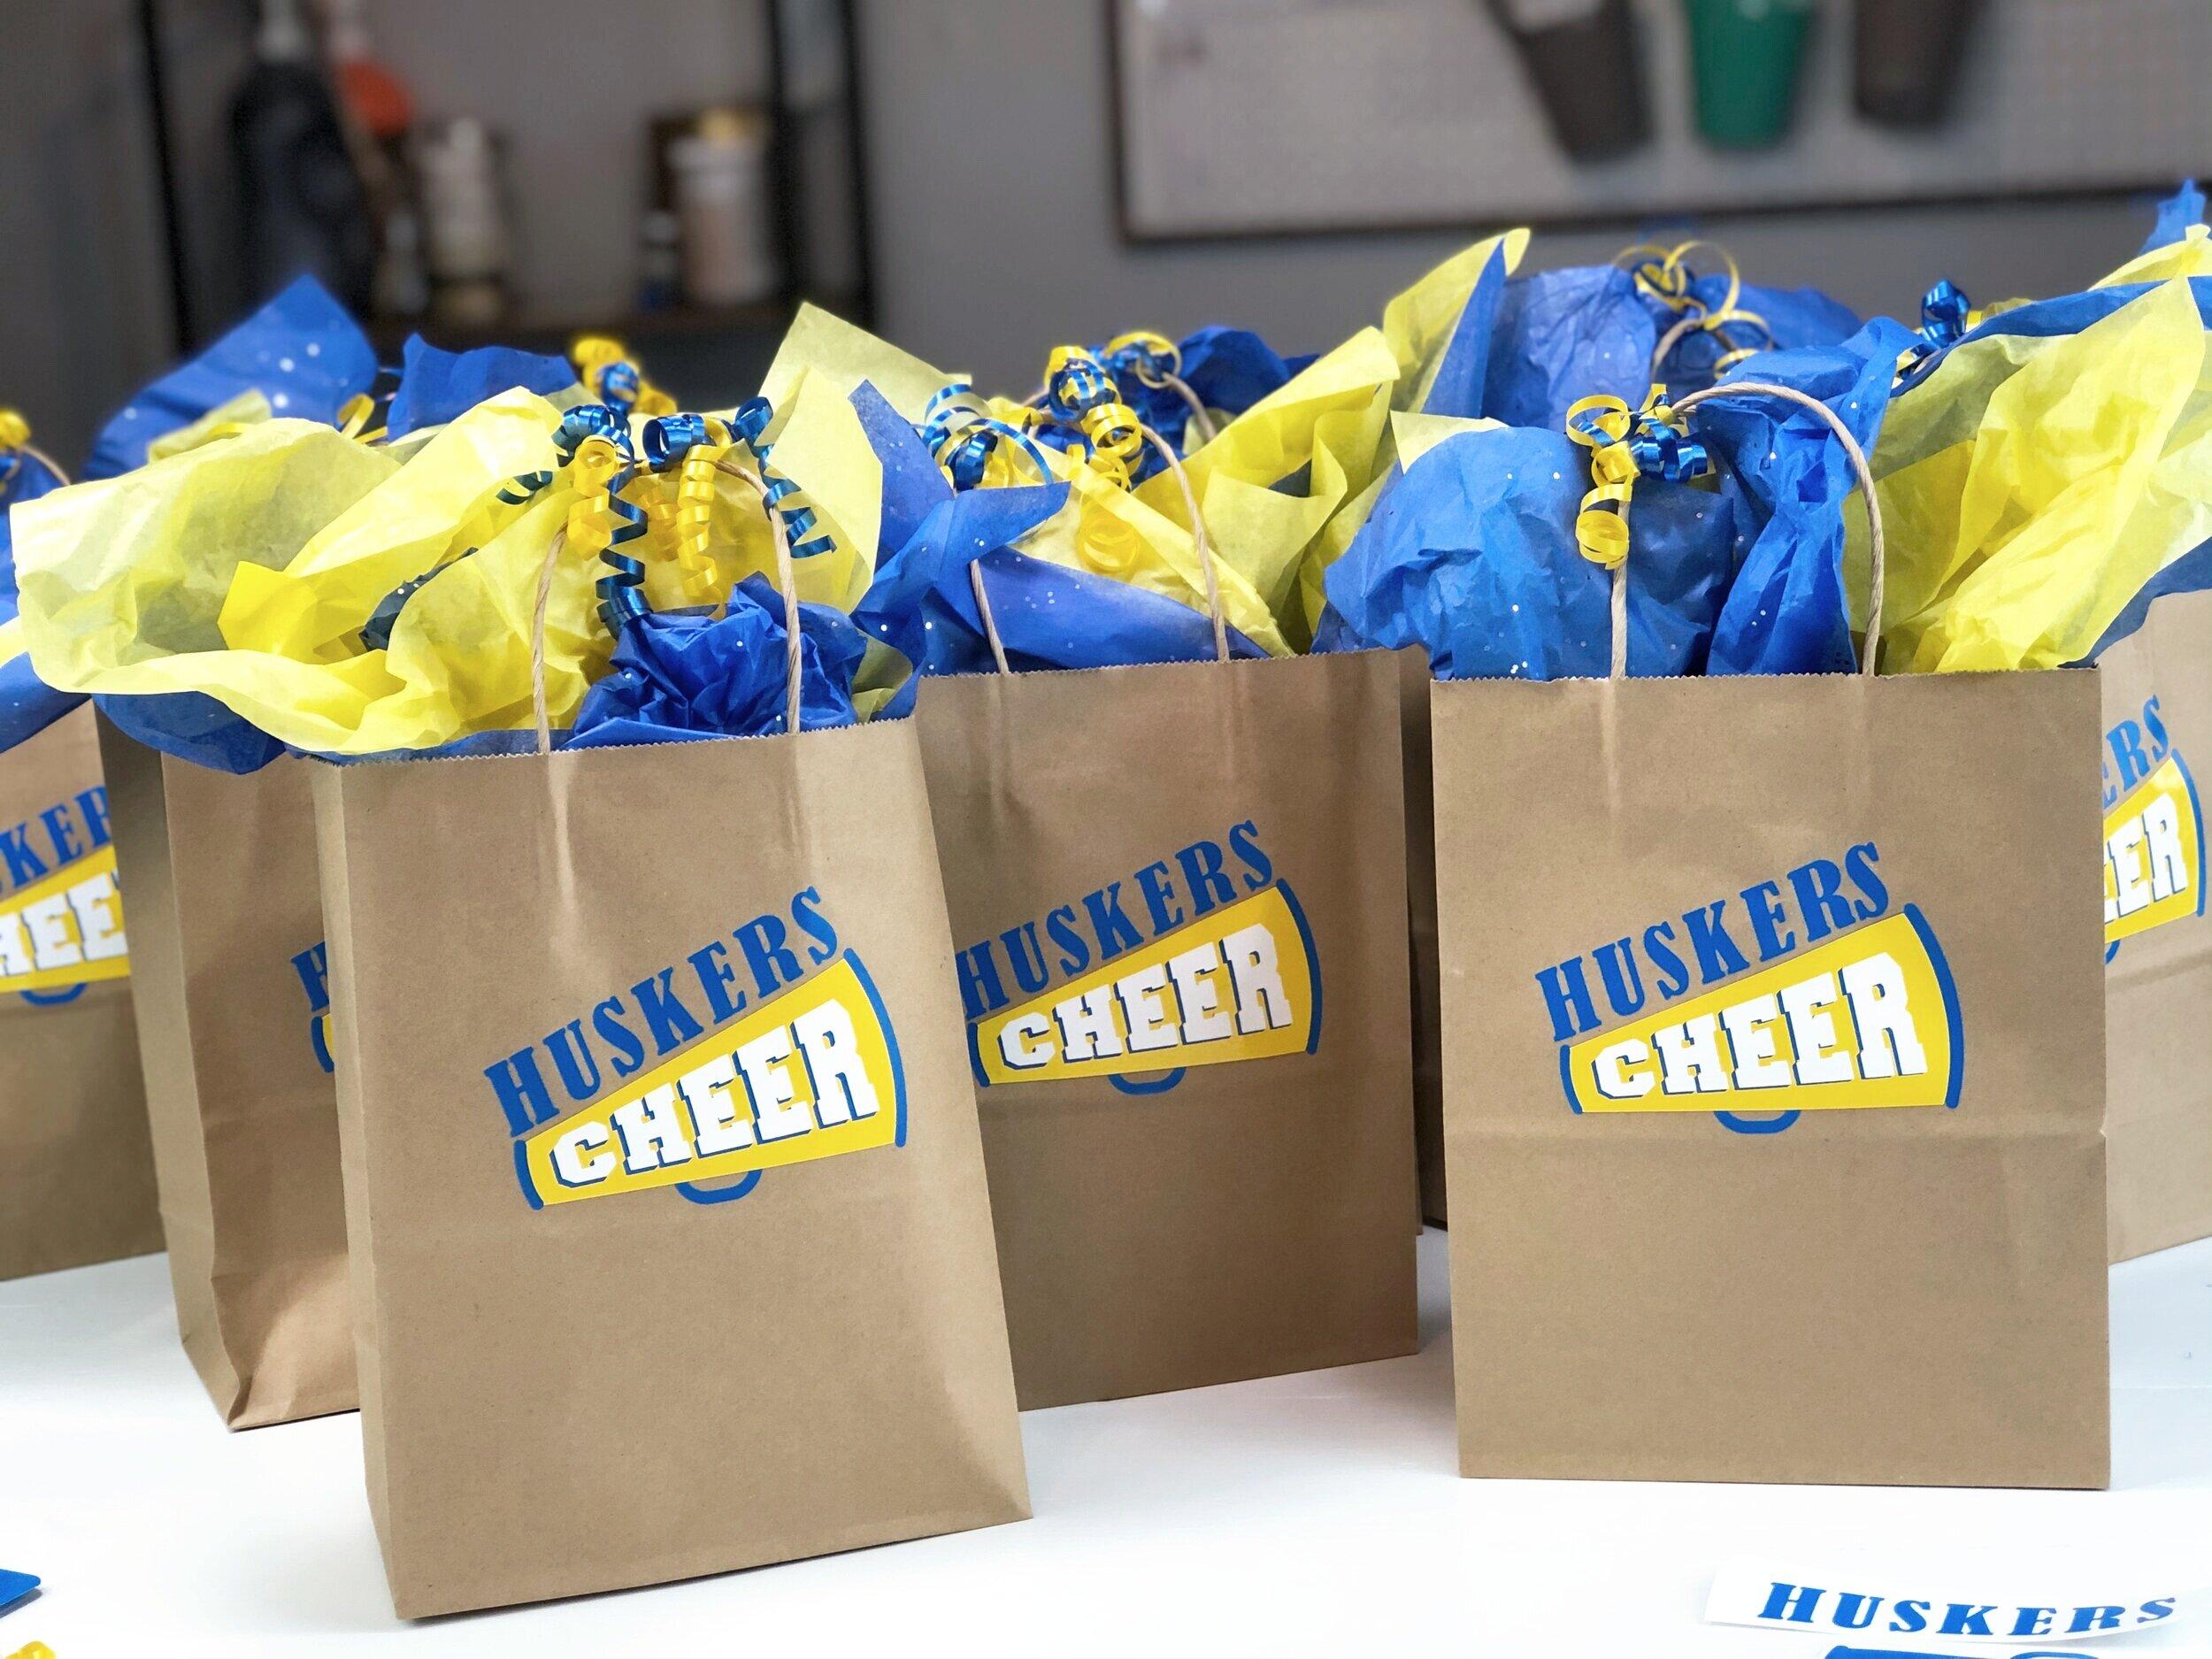 Last minute end of the season cheerleader gift bags